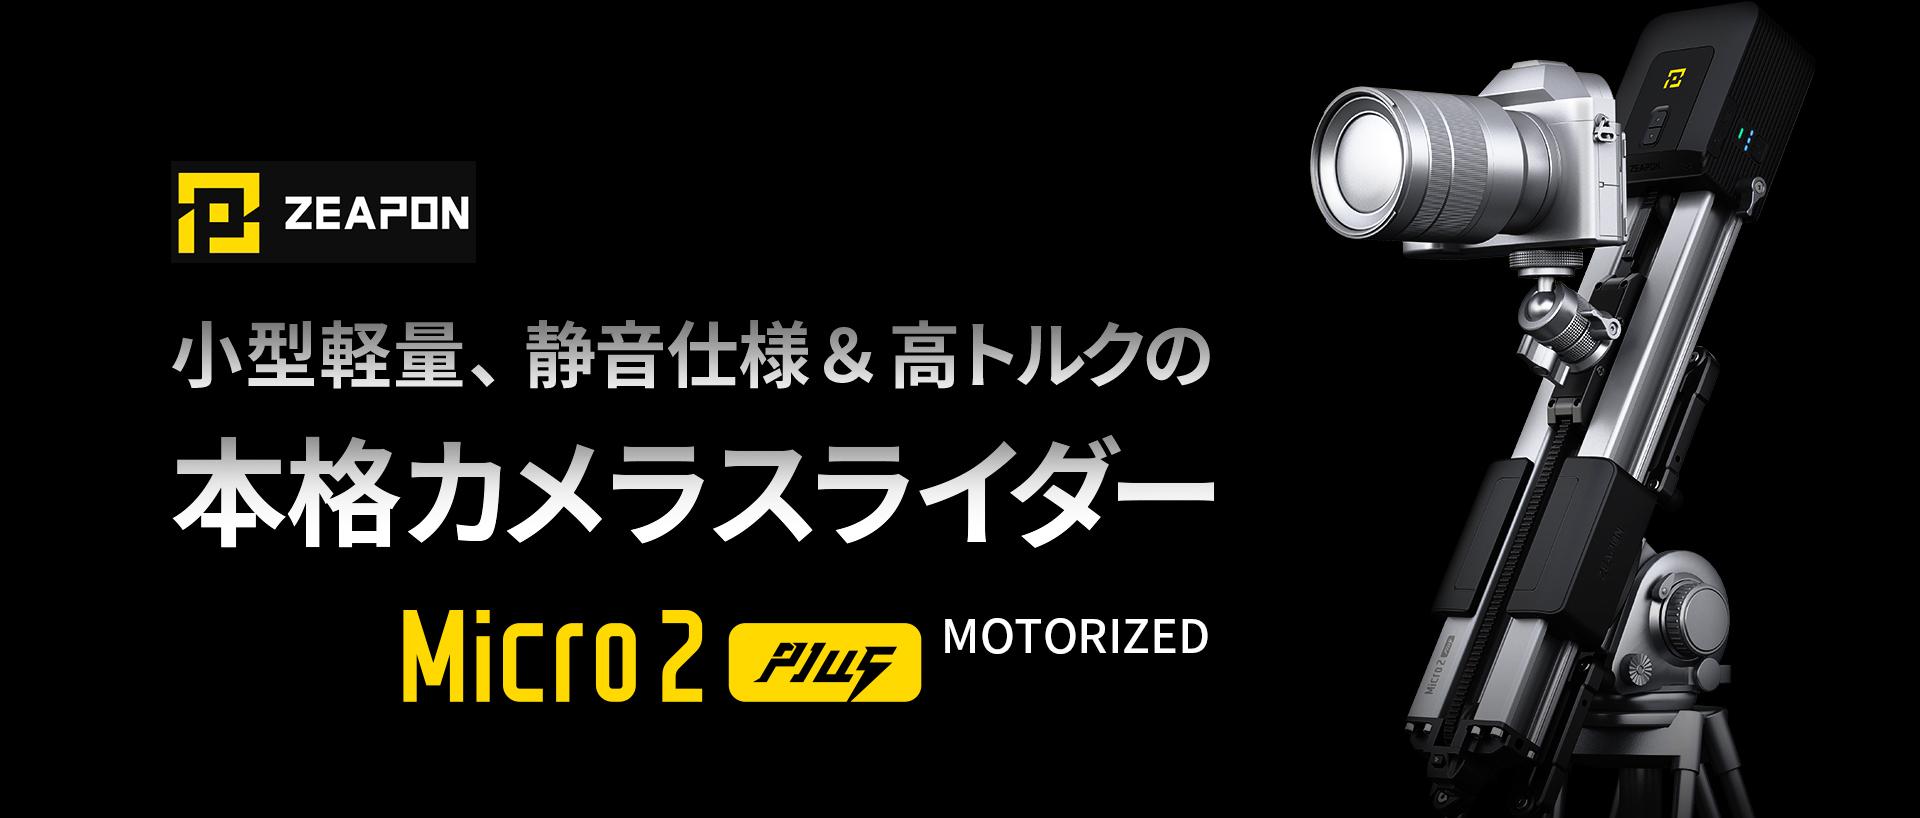 【注目商品】小型軽量、静音仕様&高トルクの本格カメラスライダー Zeapon Micro2Plus Motorized